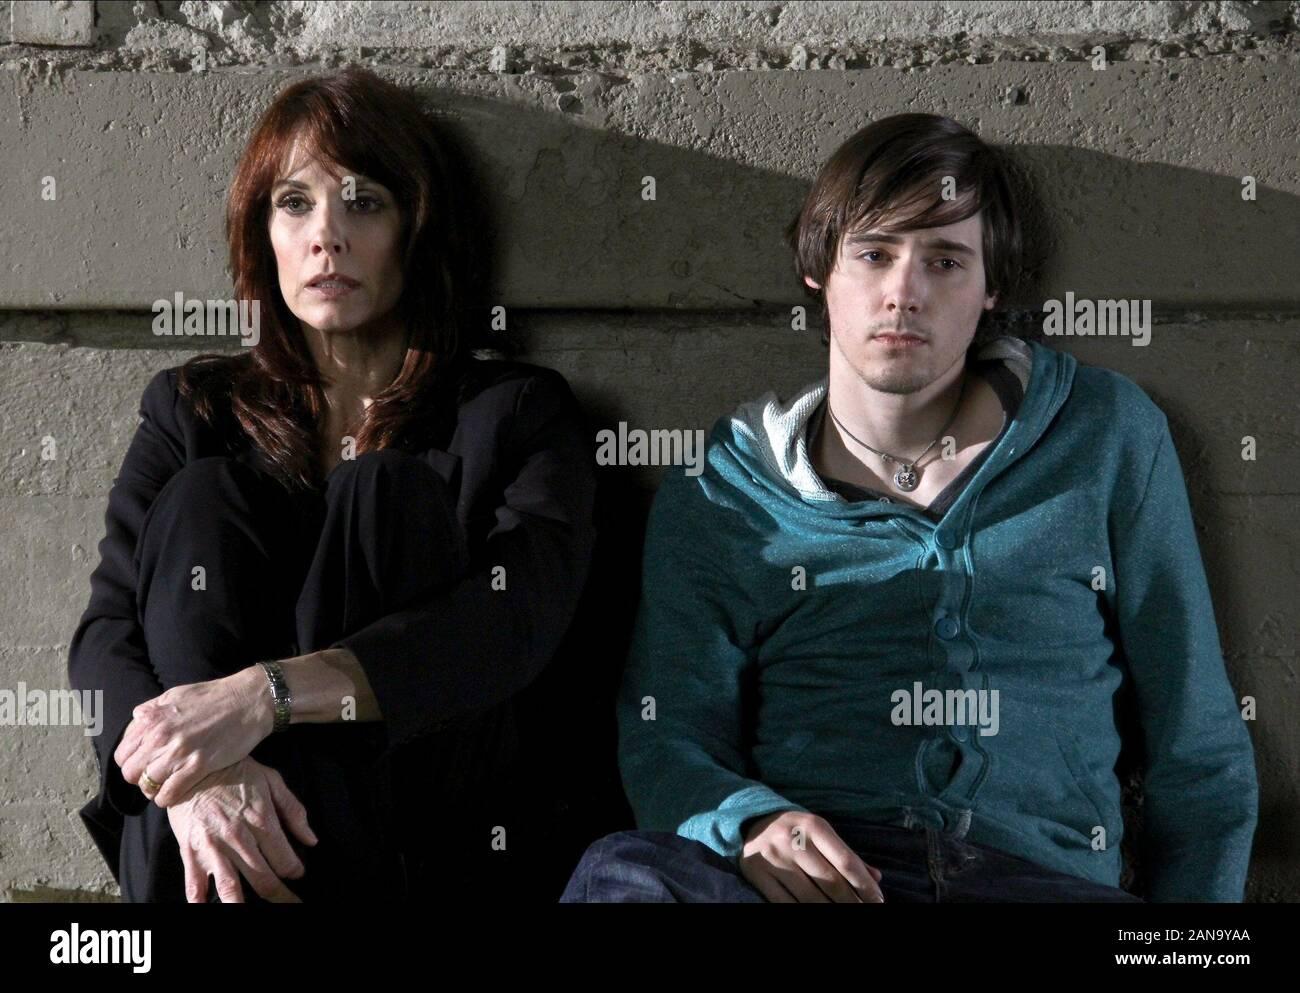 ALEXANDRA PAUL, Jake Thomas, trahi à 17, 2011 Banque D'Images